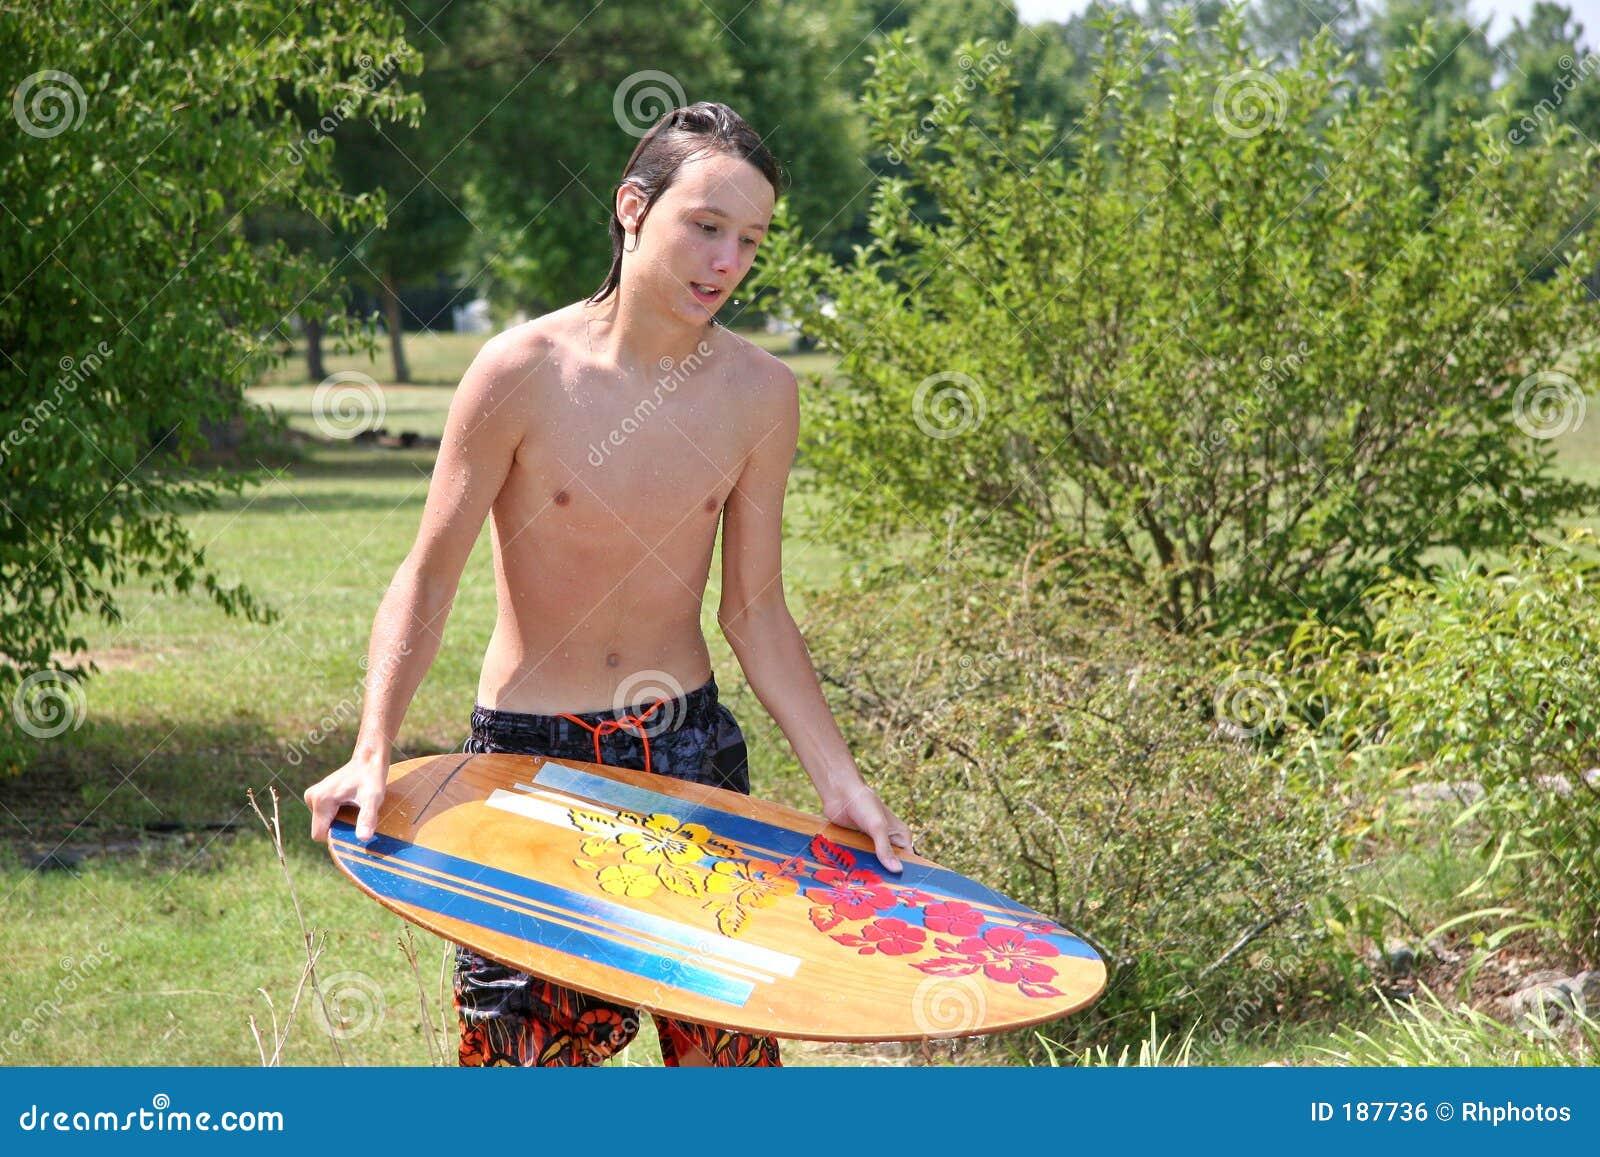 Skimboard adolescente masculino